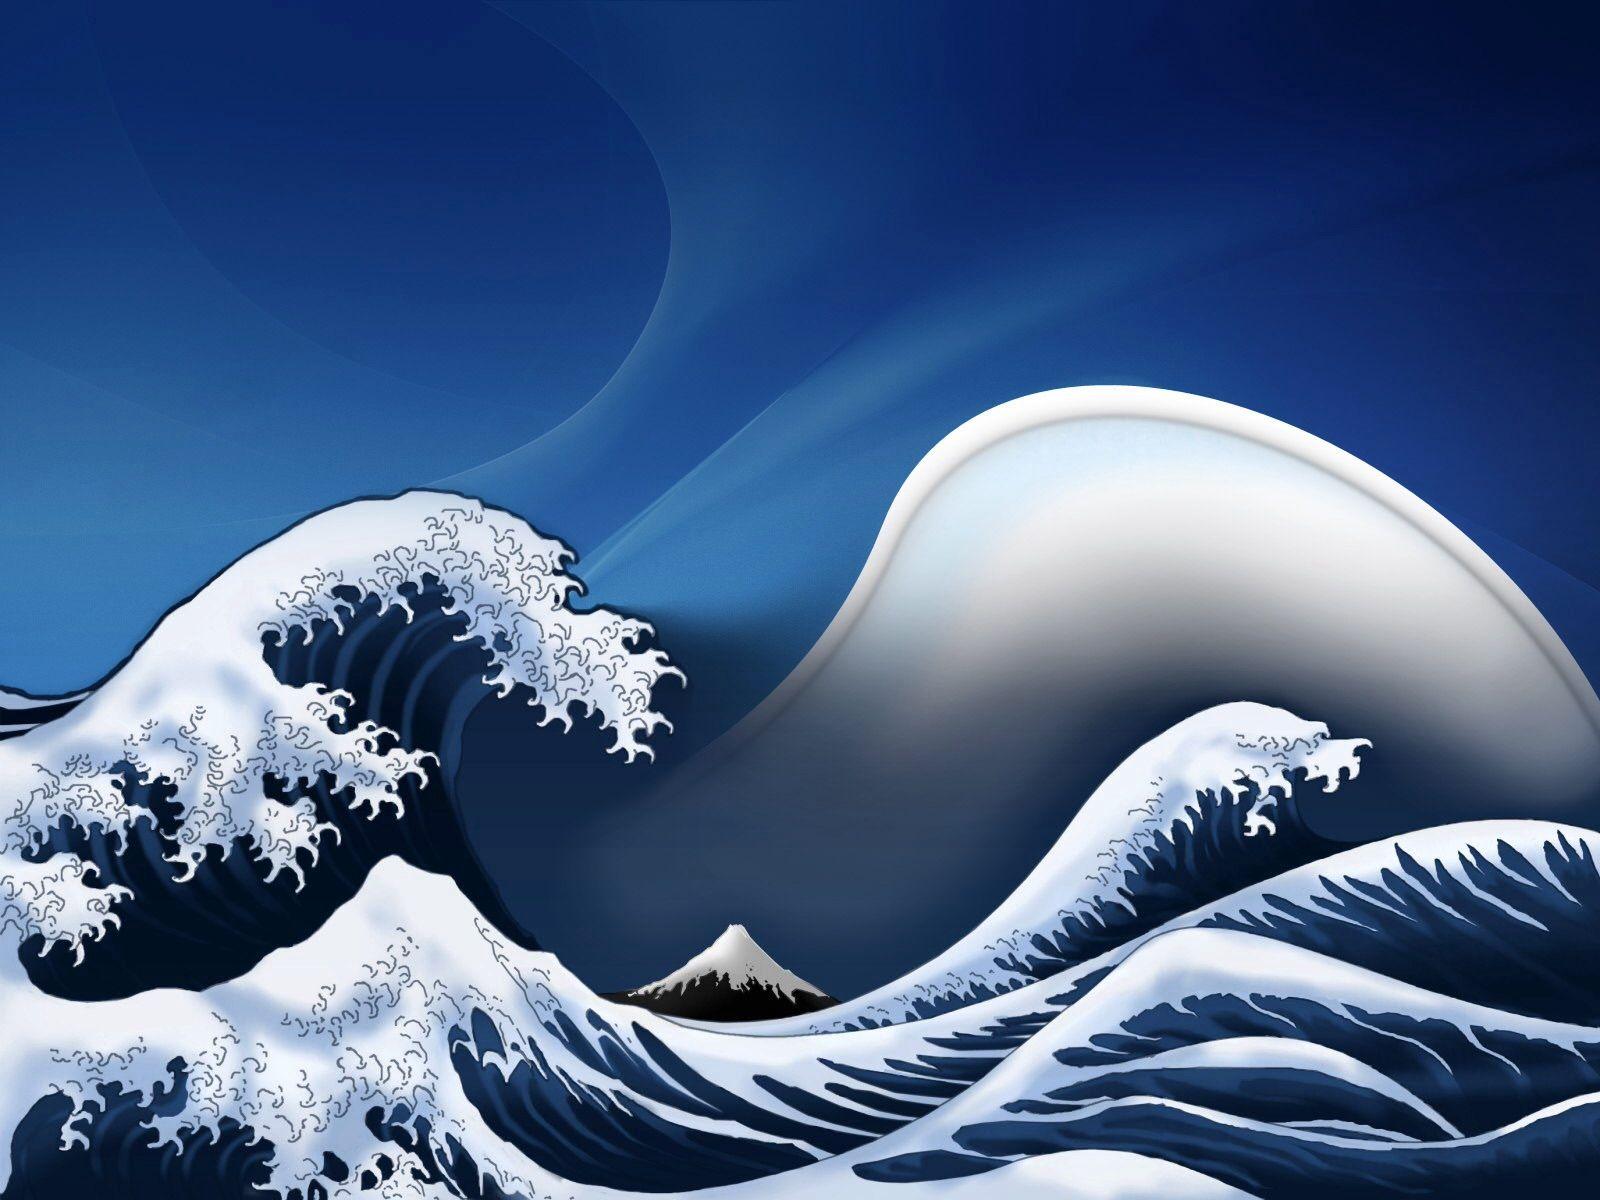 Fond D Ecran Ipad Vague Japonaise Fond D Ecran Apple Watch Paysage Magnifique Dessin